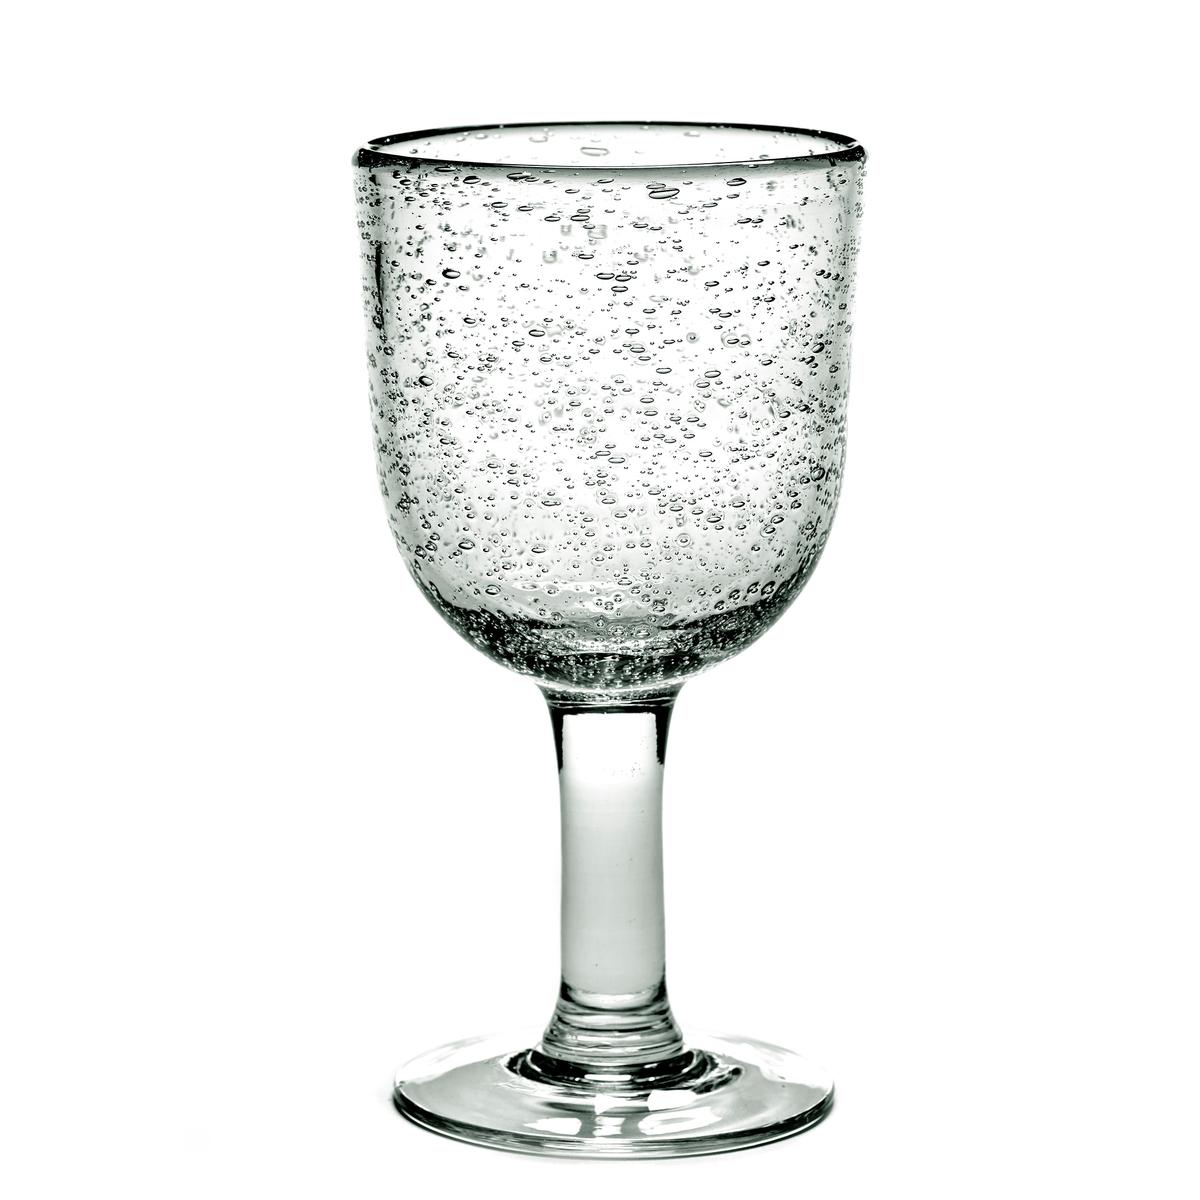 Бокала La Redoute Для вина Pure дизайн П Нессенса Serax единый размер другие бокала la redoute для шампанского lurik единый размер другие